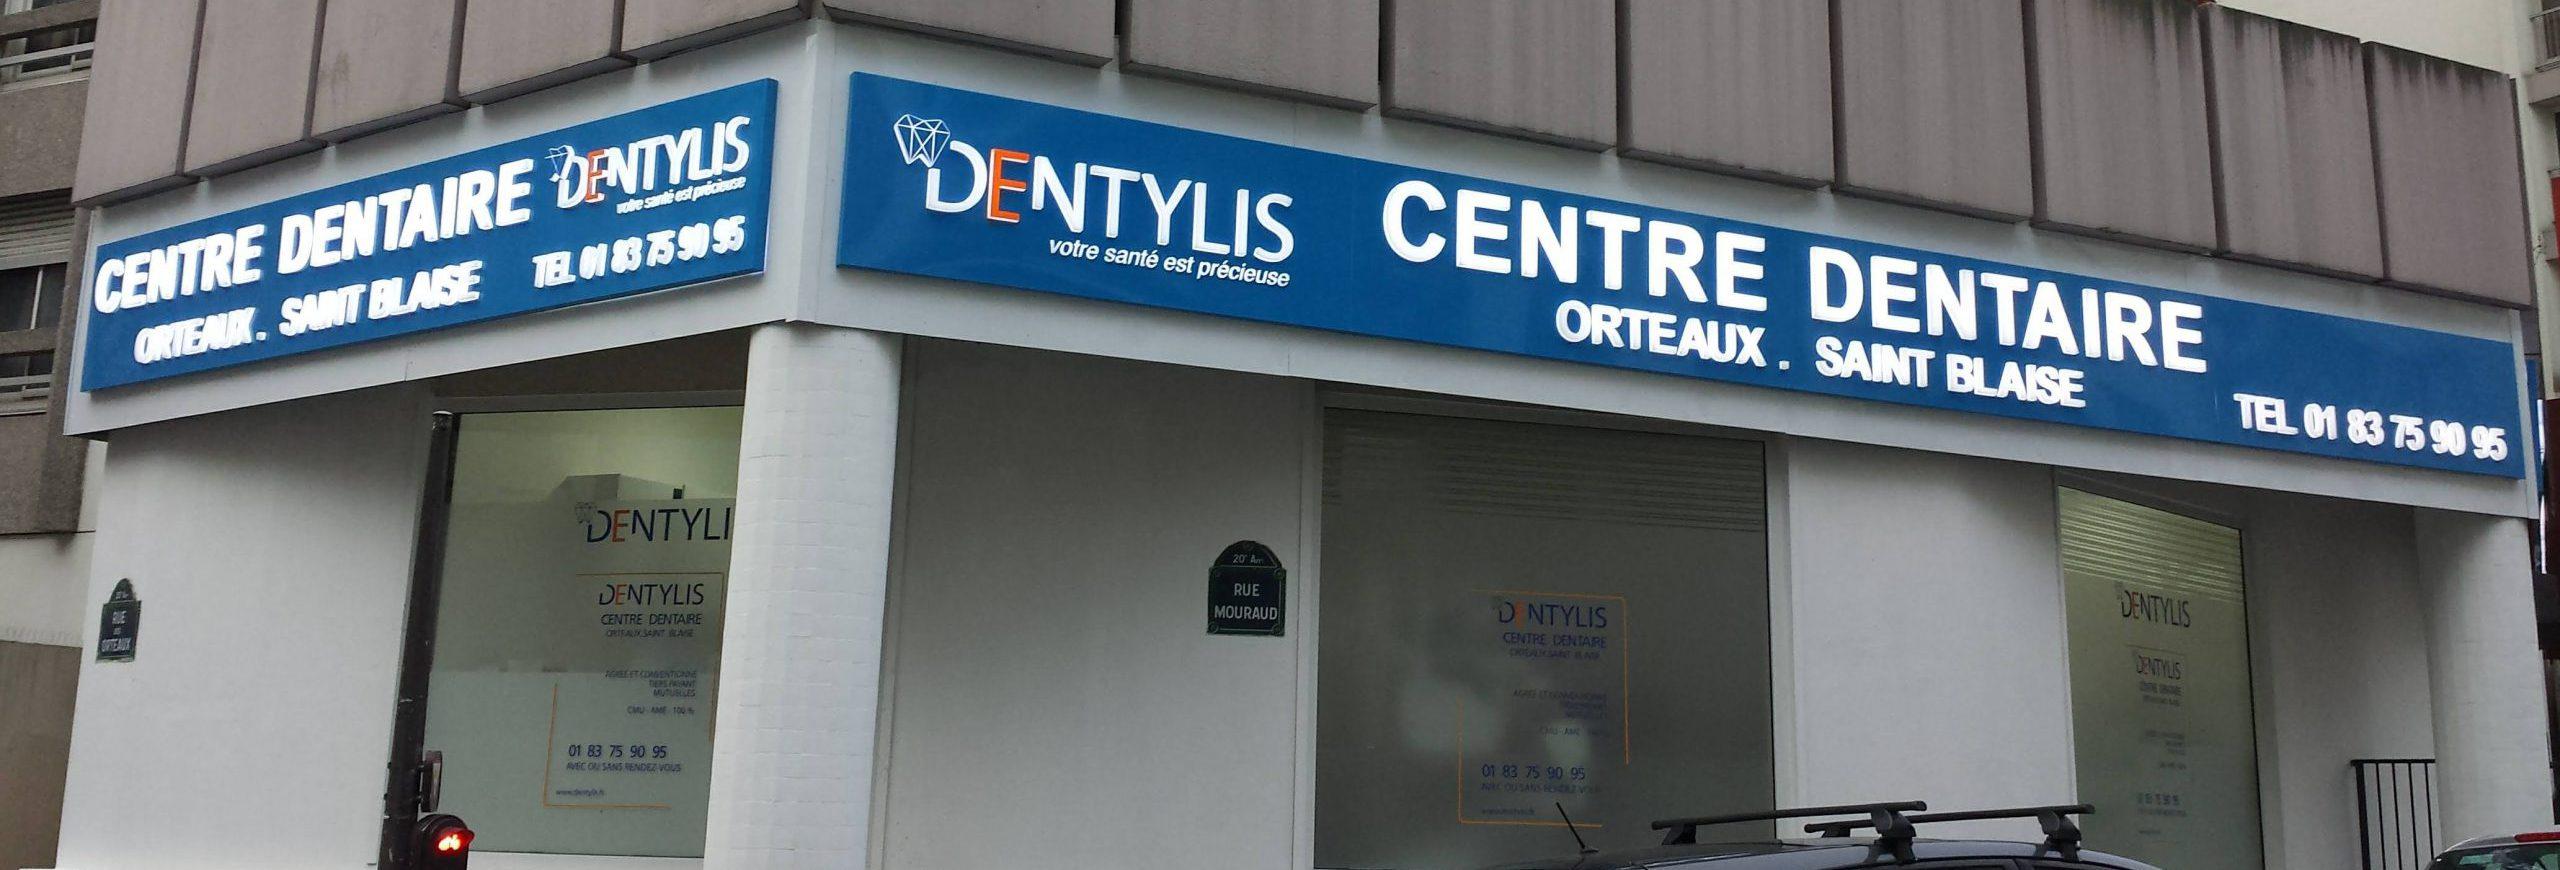 Centre Dentaire Dentylis Paris 20